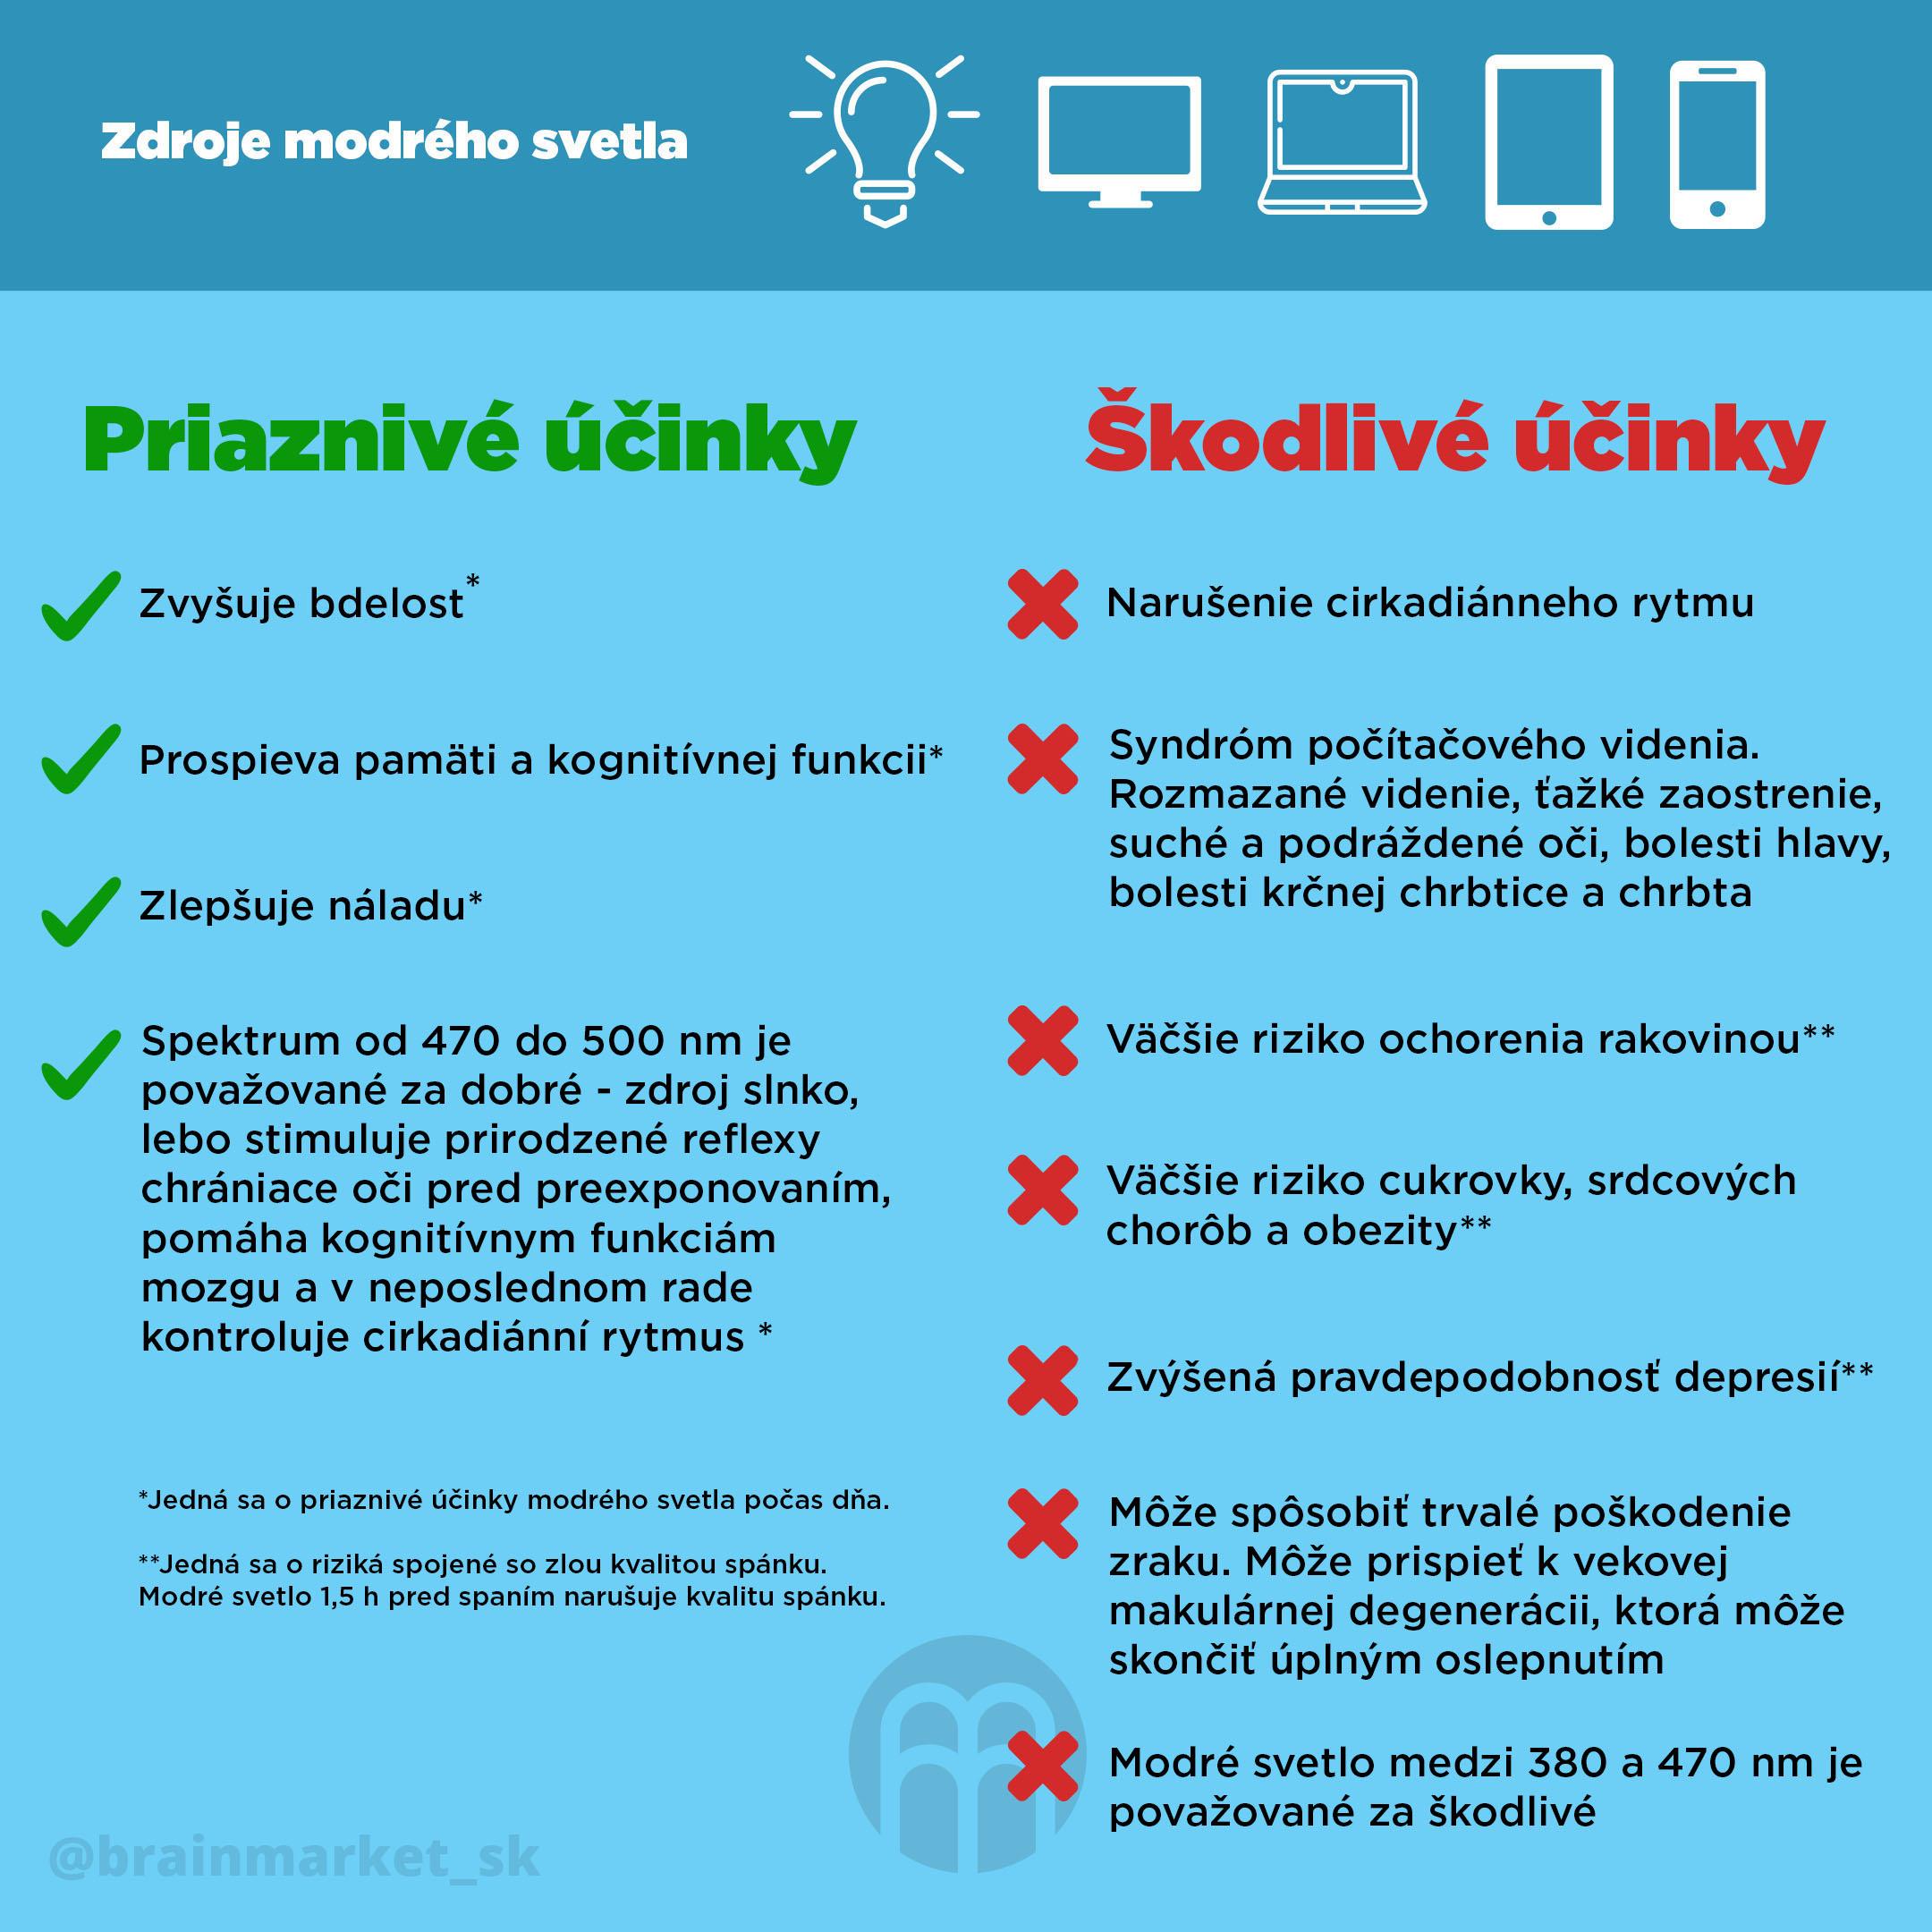 zdroje_modreho_svetla_infografika_brainmarket_SK